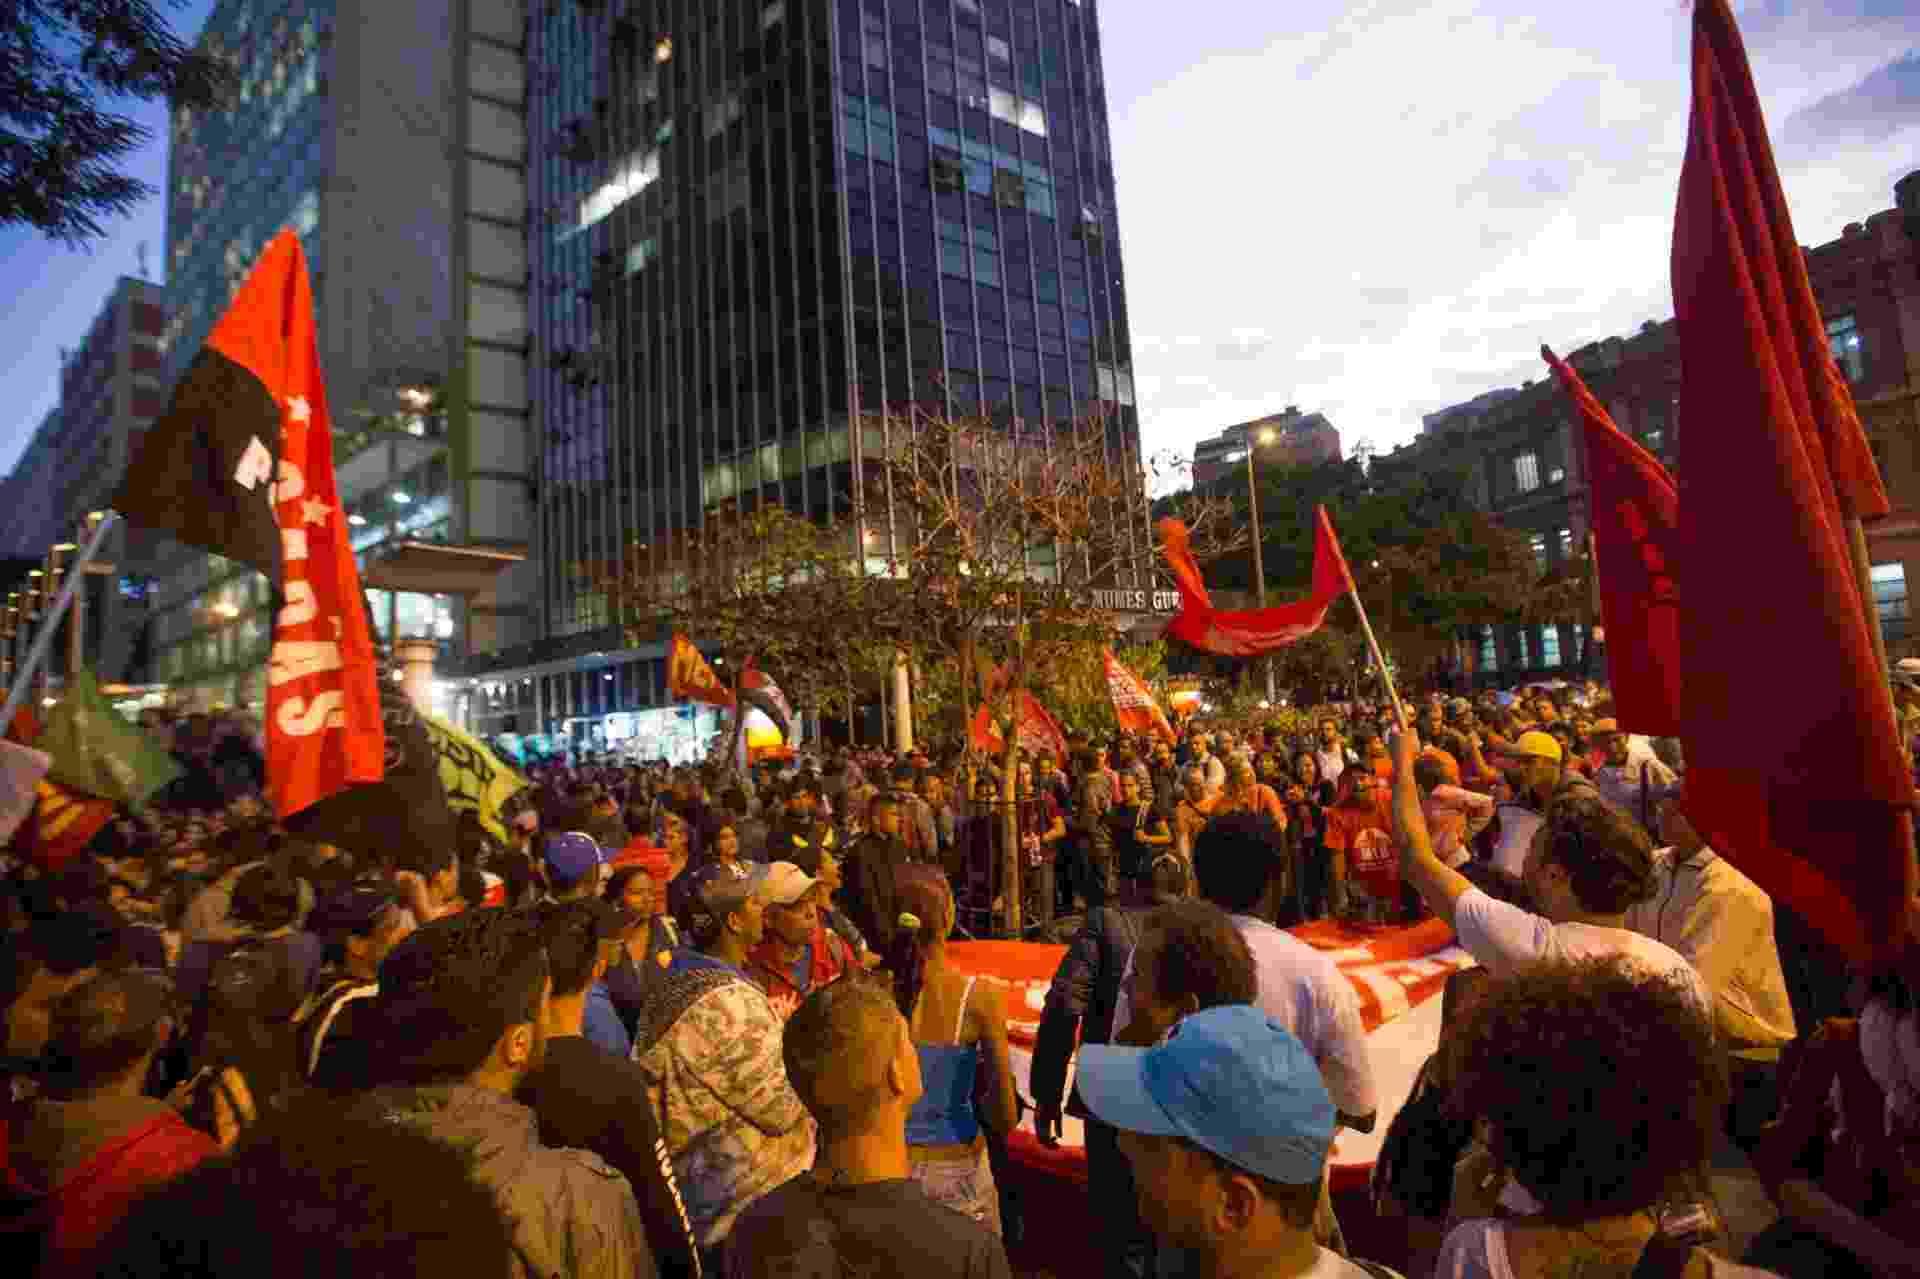 14.ago.2015 - Manifestante fazem o segundo protesto contra o aumento das tarifas de ônibus na praça Sete, no centro de Belo Horizonte (MG). Desde o dia 8, as passagens subiram de R$ 3,10 para R$ 3,40 na capital mineira - undefined